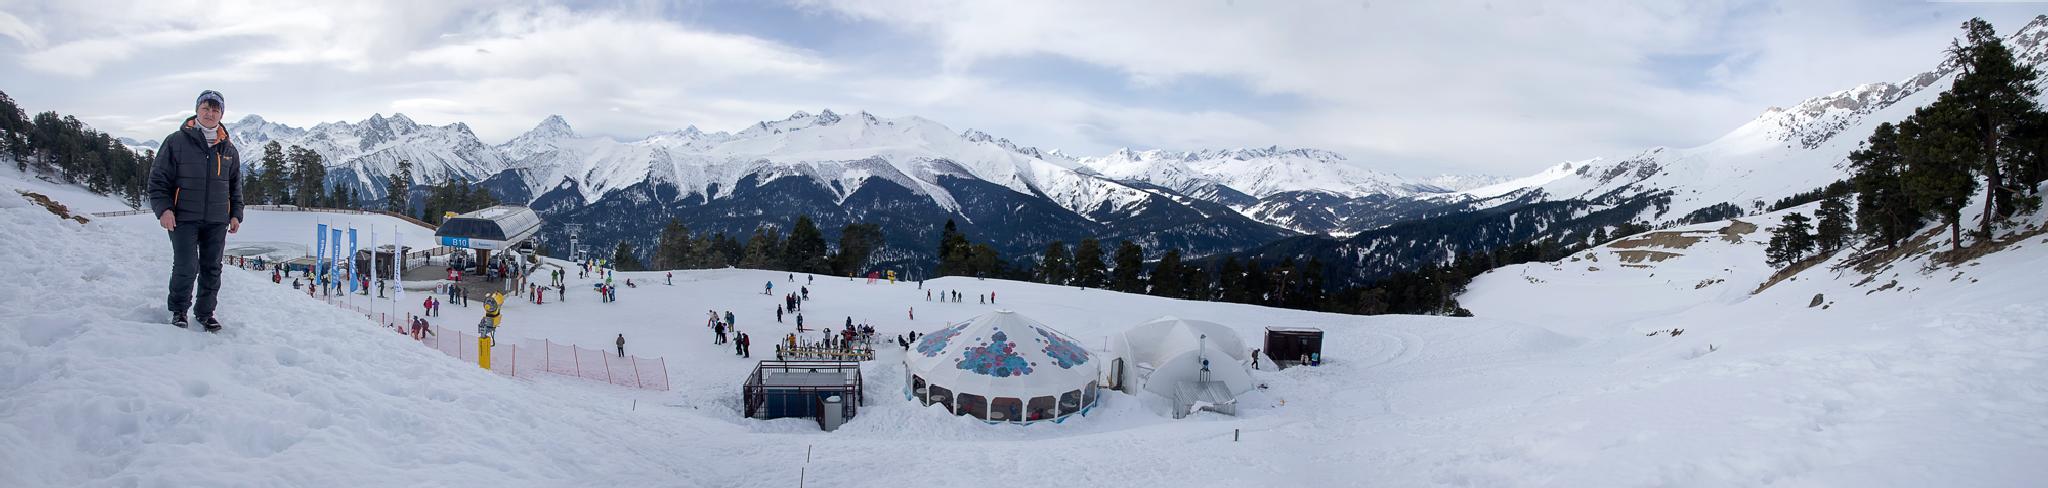 Ski resort Arkhyz by Roman Prikhodko